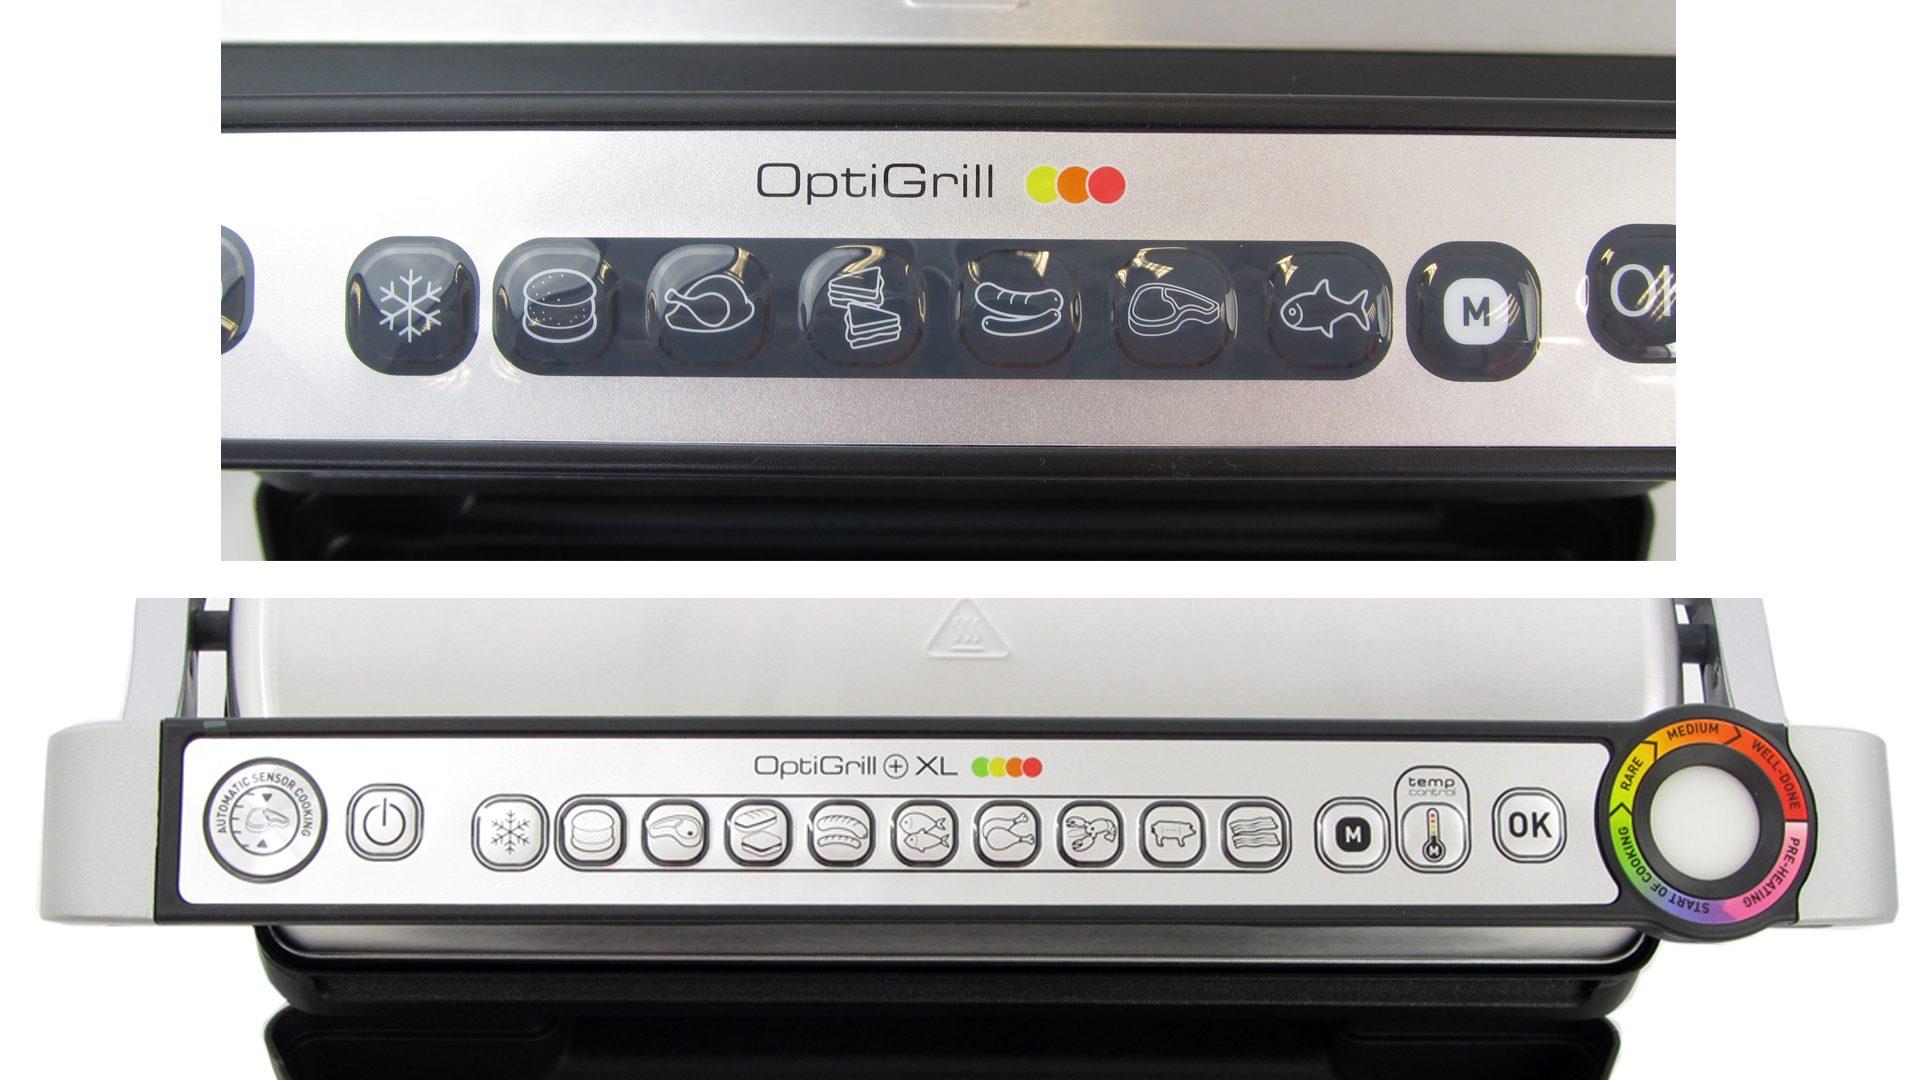 OptiGrill XL – Bedienelemente Vergleich